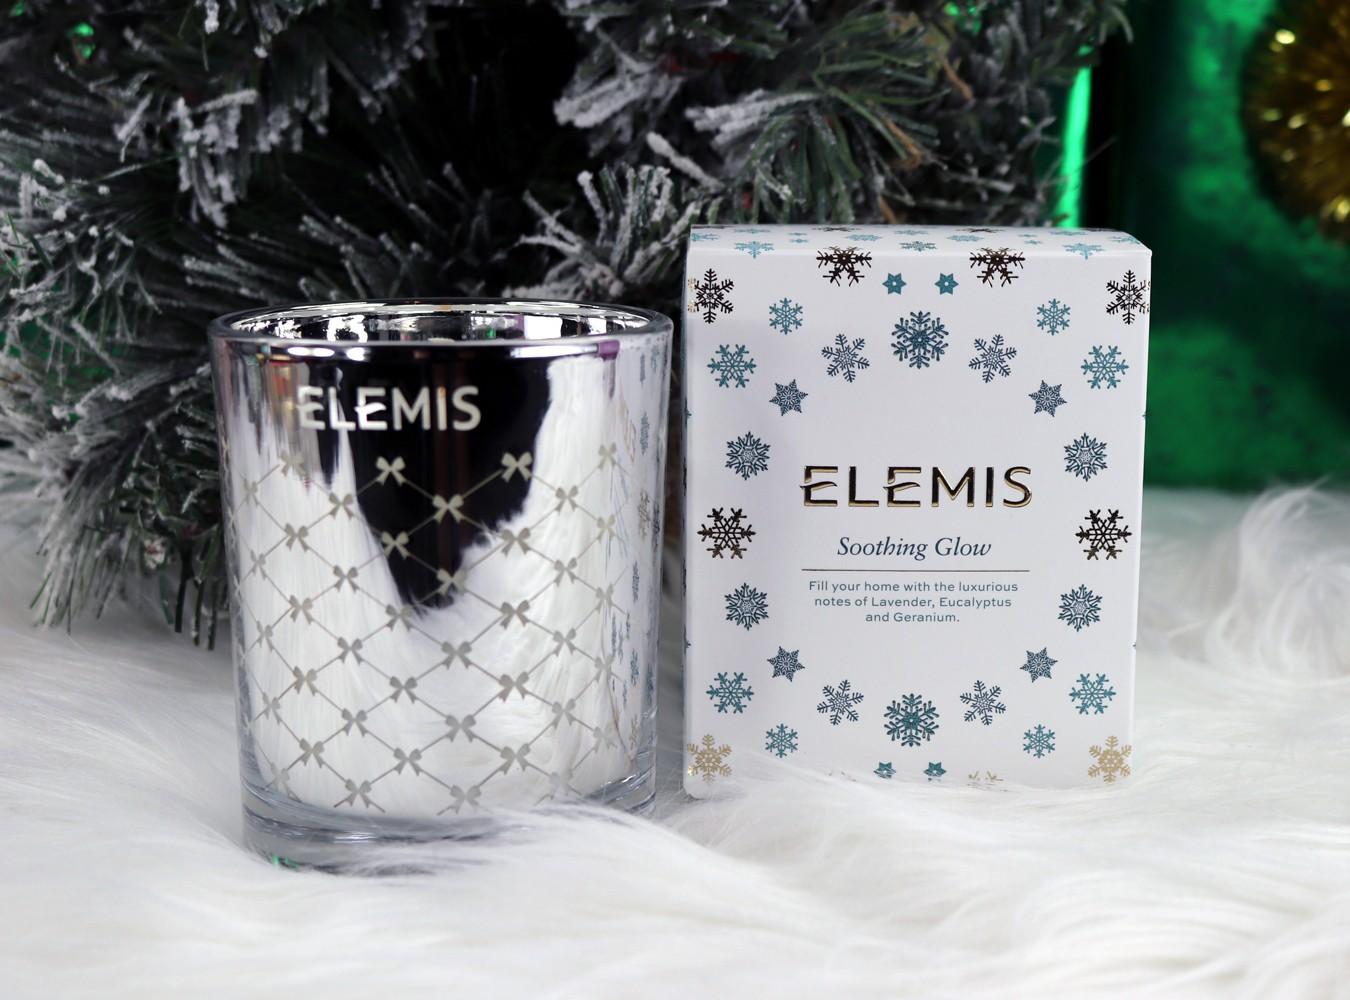 Elemis Holiday Glow Candle